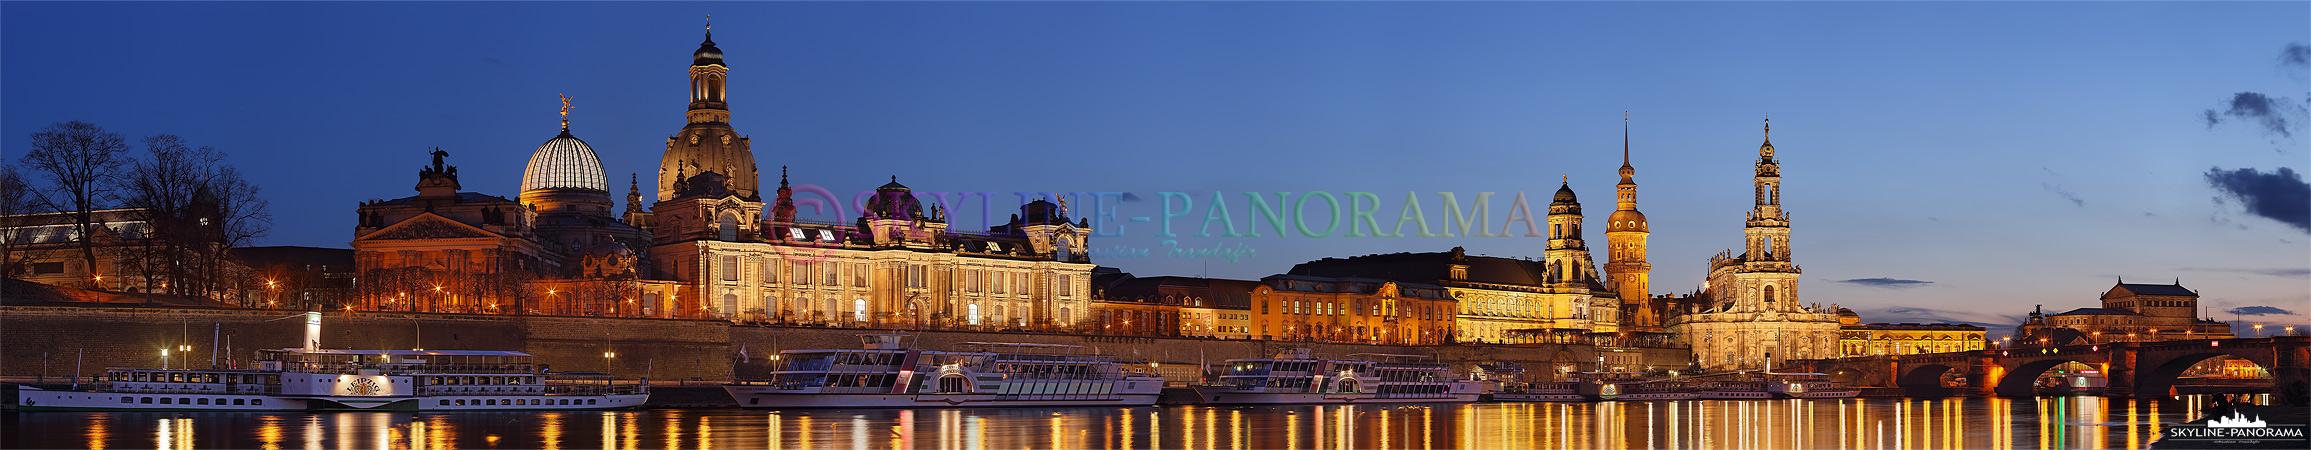 Das Panorama zeigt die Stadtansicht der sächsischen Landeshauptstadt Dresden mit den historischen Bauwerken aus Renaissance, Barock und 19. Jahrhundert. Zu den beliebtesten Sehenswürdigkeiten Dresdens gehören die Frauenkirche, die Semperoper, der Zwinger und das Residenzschloss.